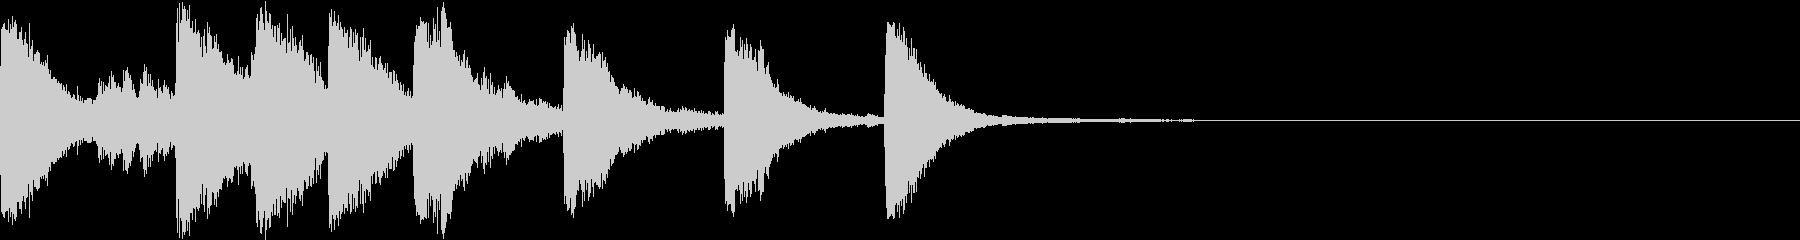 ベル ファンファーレ シンプル 02の未再生の波形